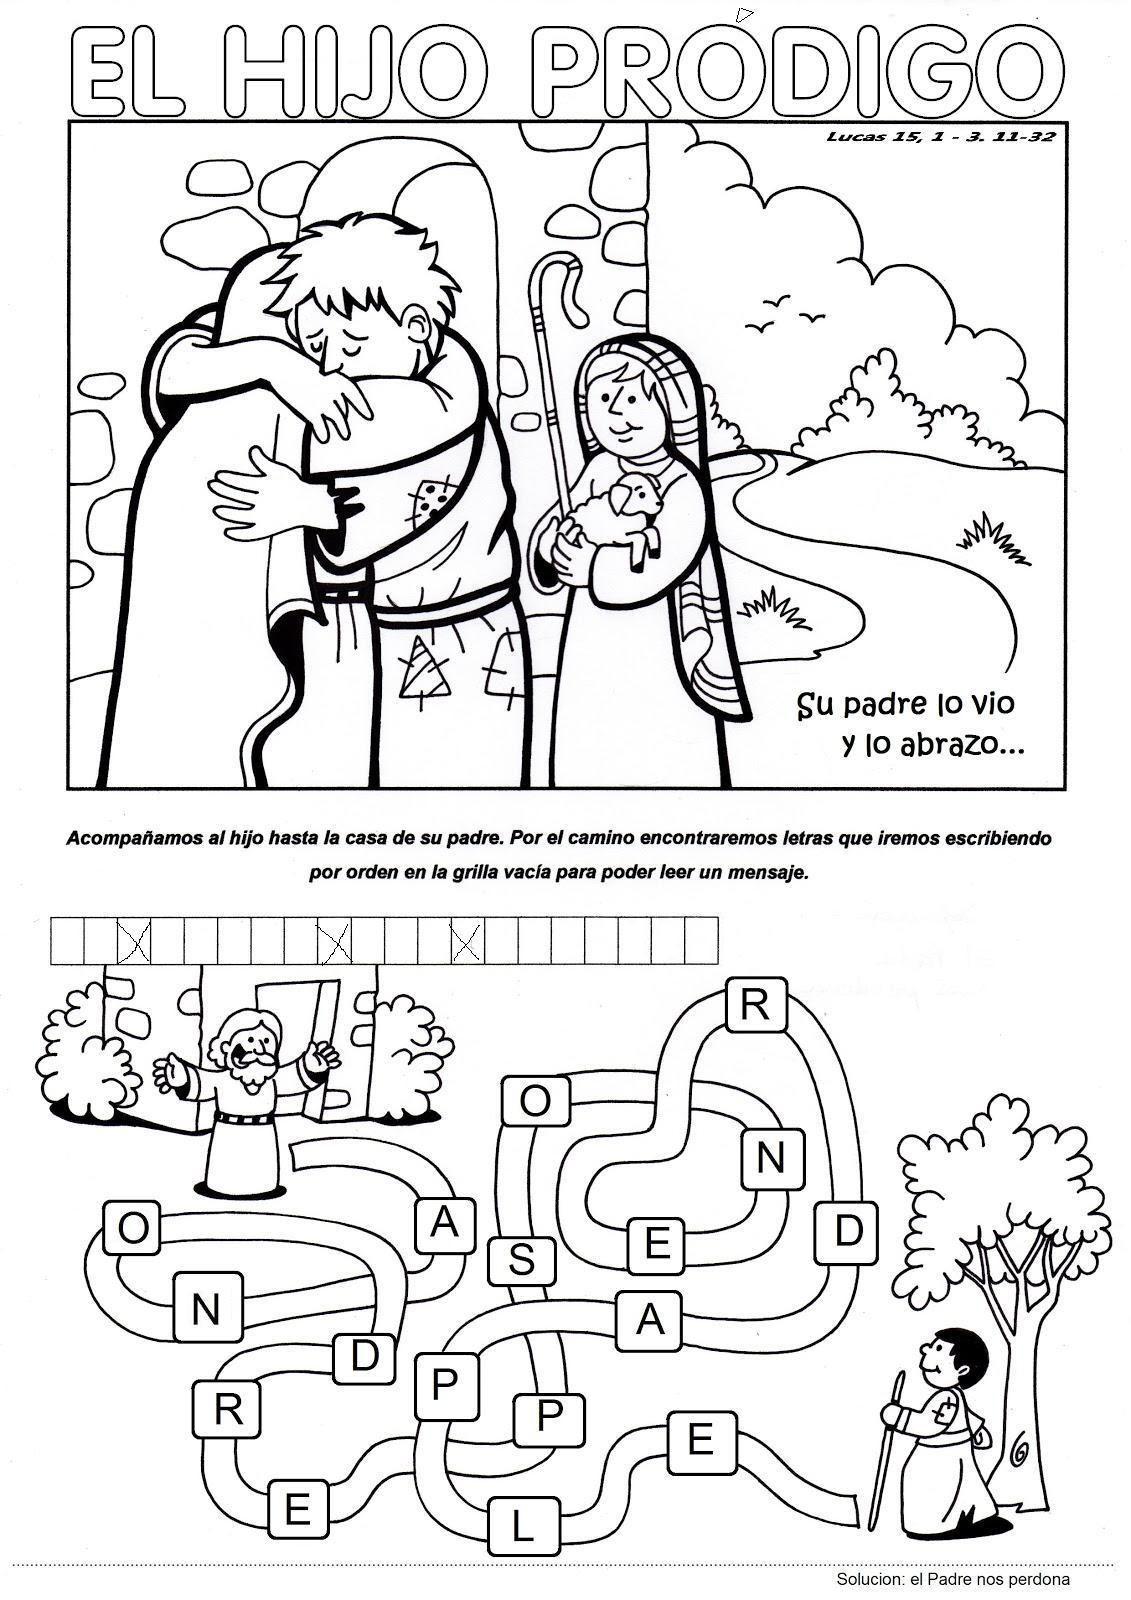 el hijo prodigo | Páginas para colorear | Pinterest | Hijos ...